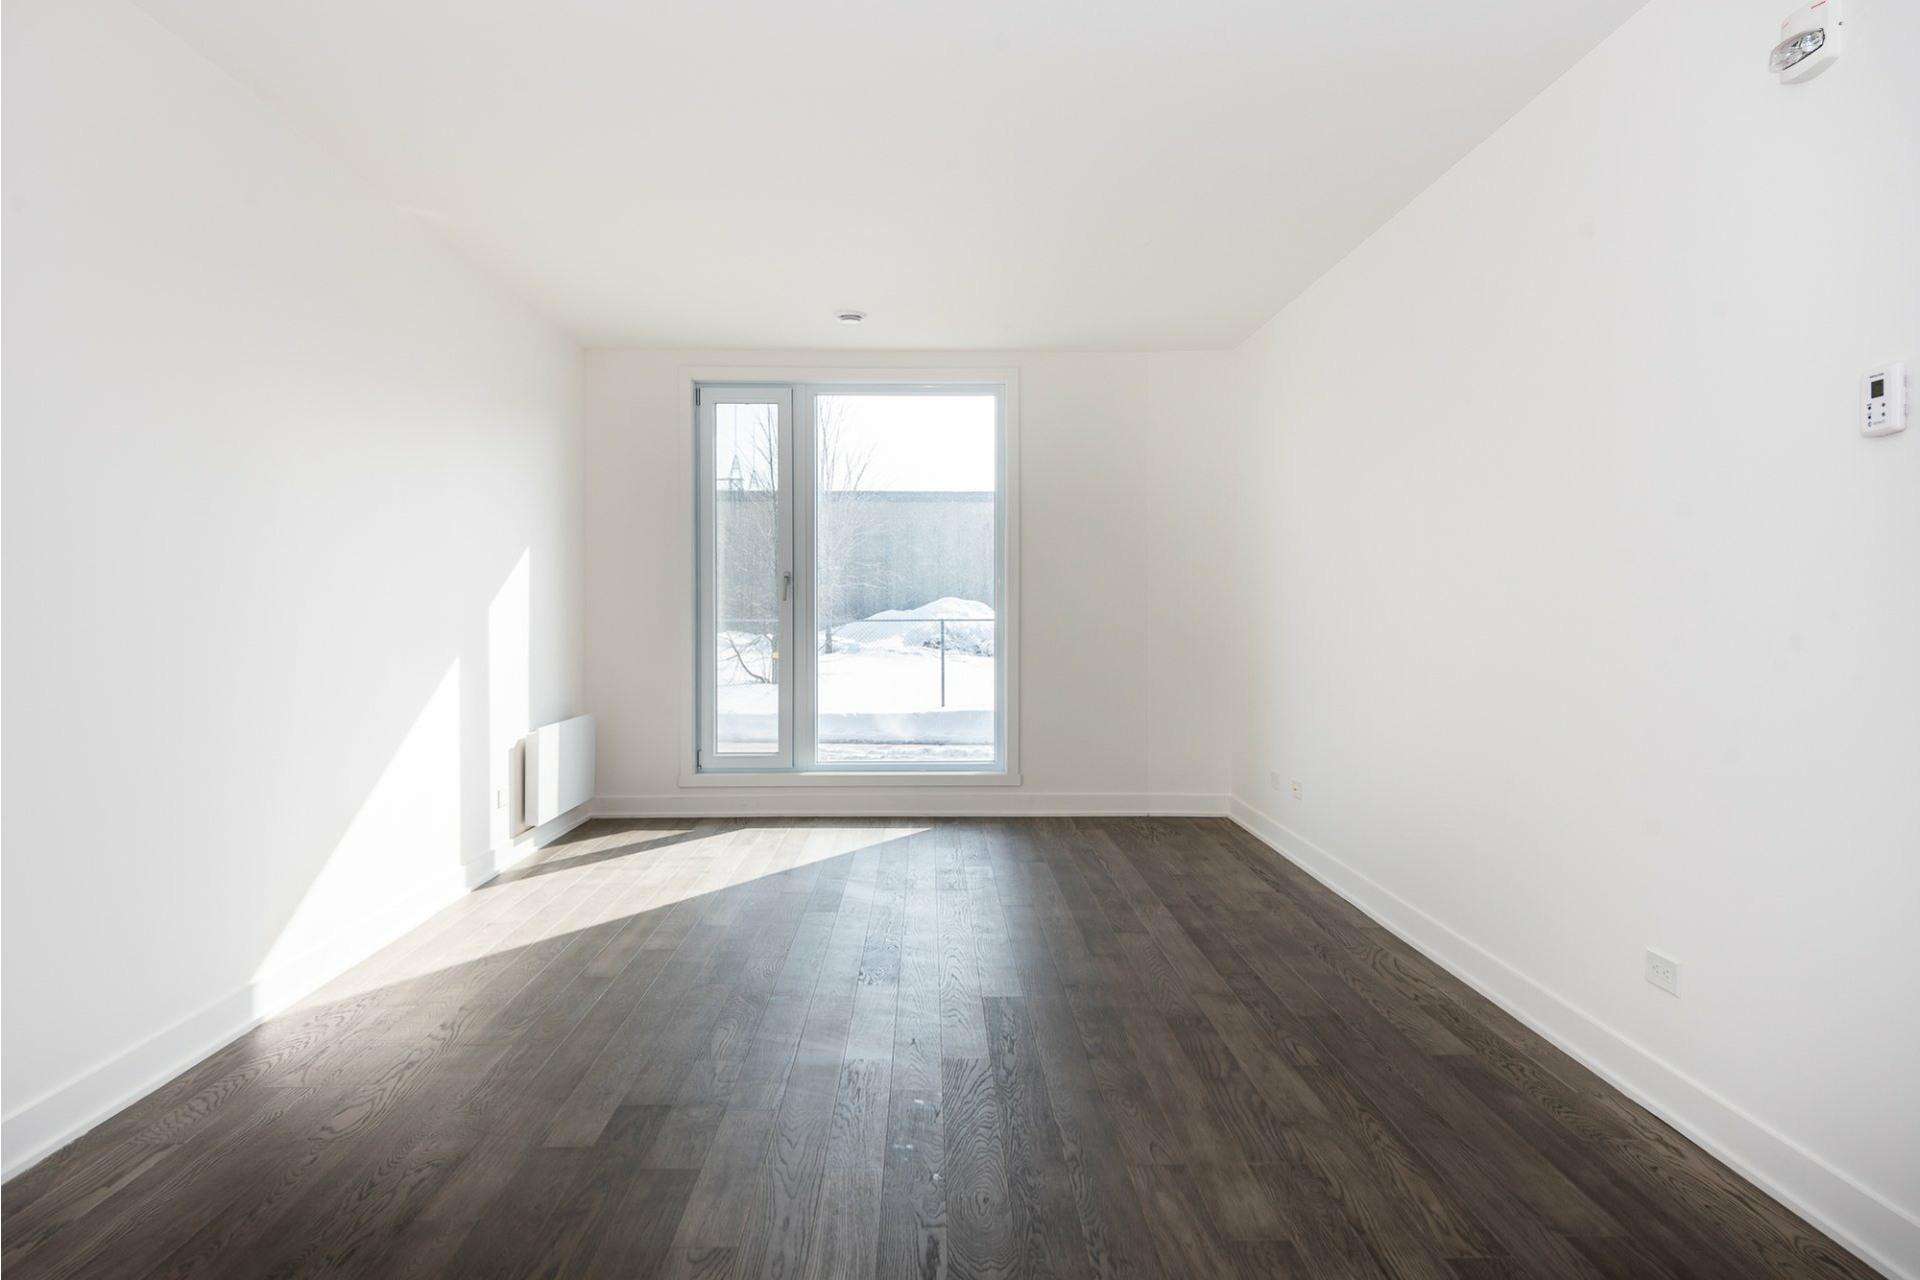 image 10 - Apartment For rent Villeray/Saint-Michel/Parc-Extension Montréal  - 5 rooms